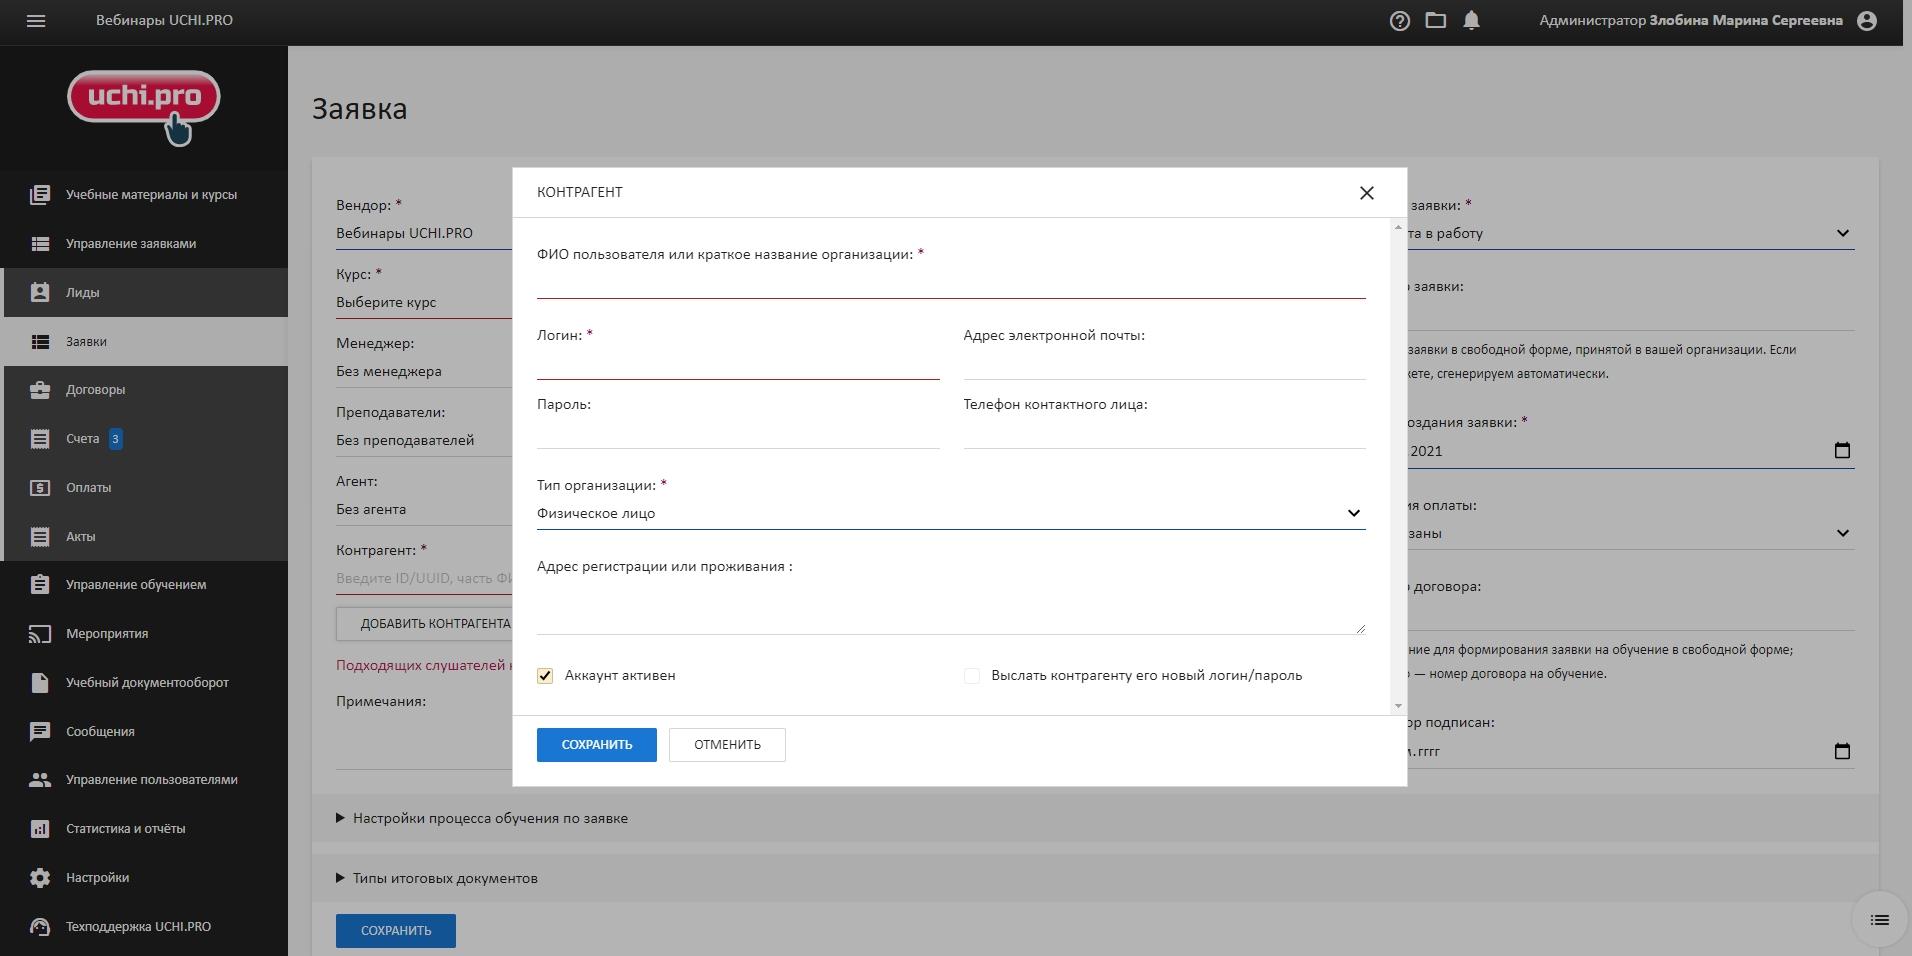 окно для заполнения данных о контрагенте